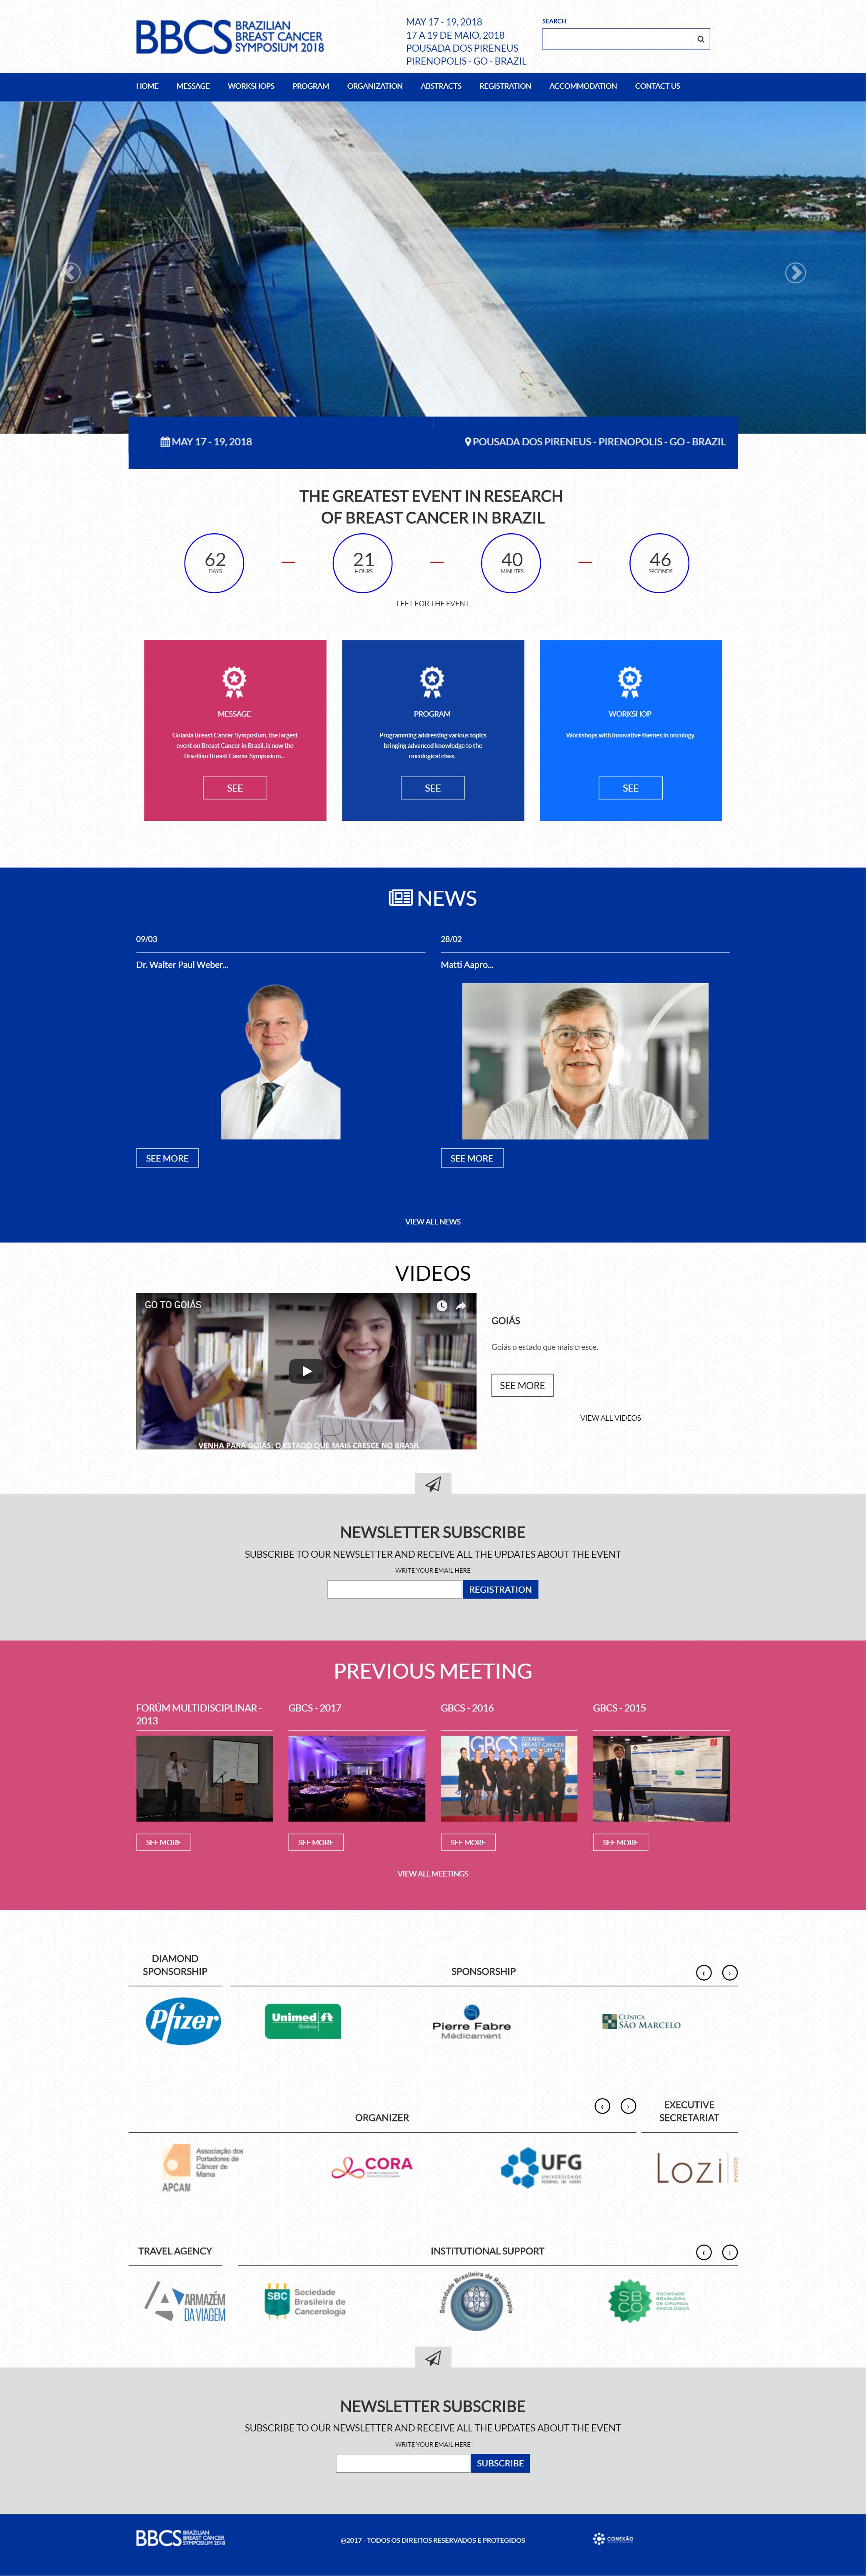 BBCS Website